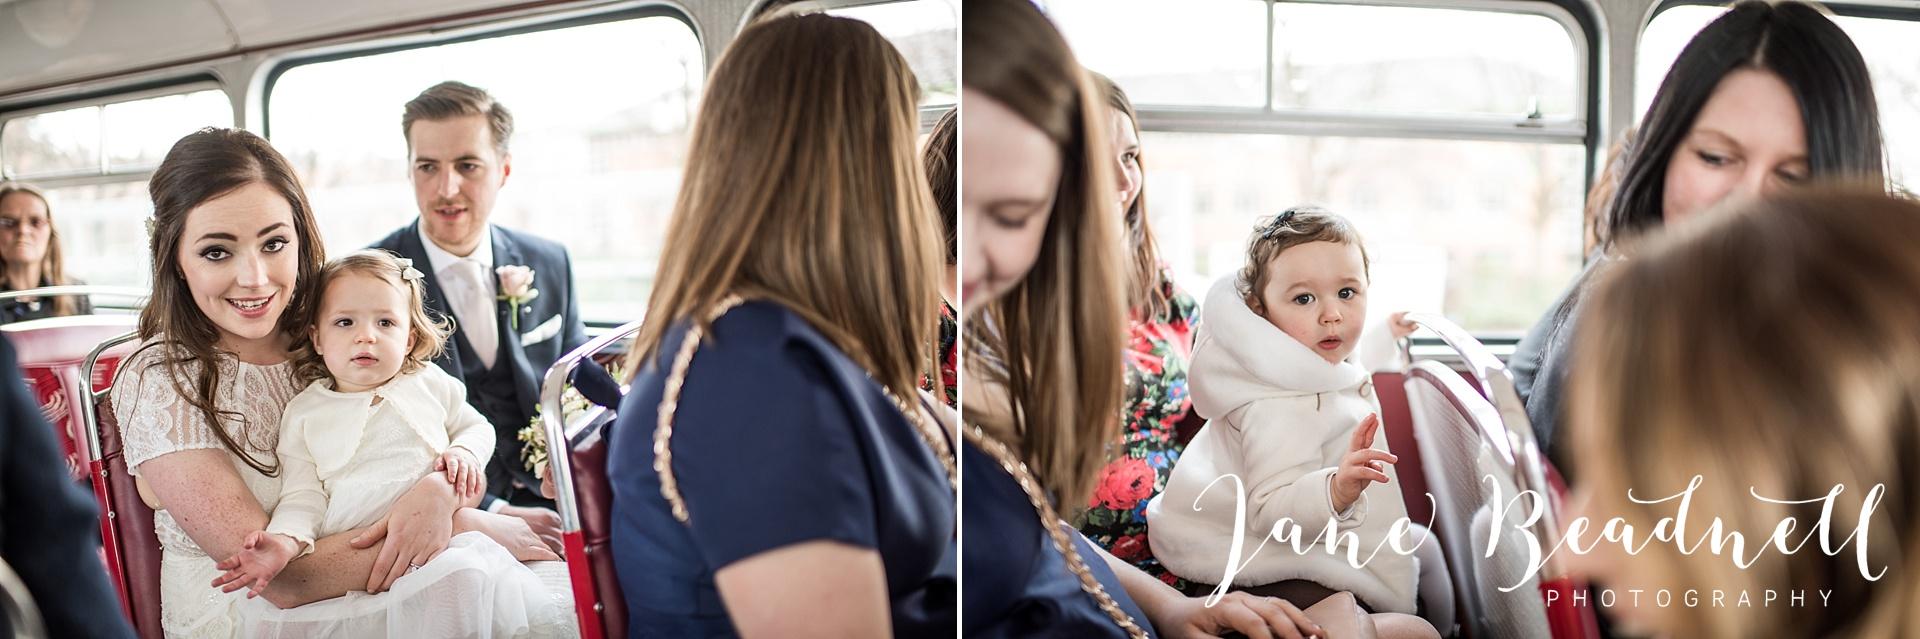 Wedding photography Cross Keys Leeds Wedding Jane Beadnell Photography_0061